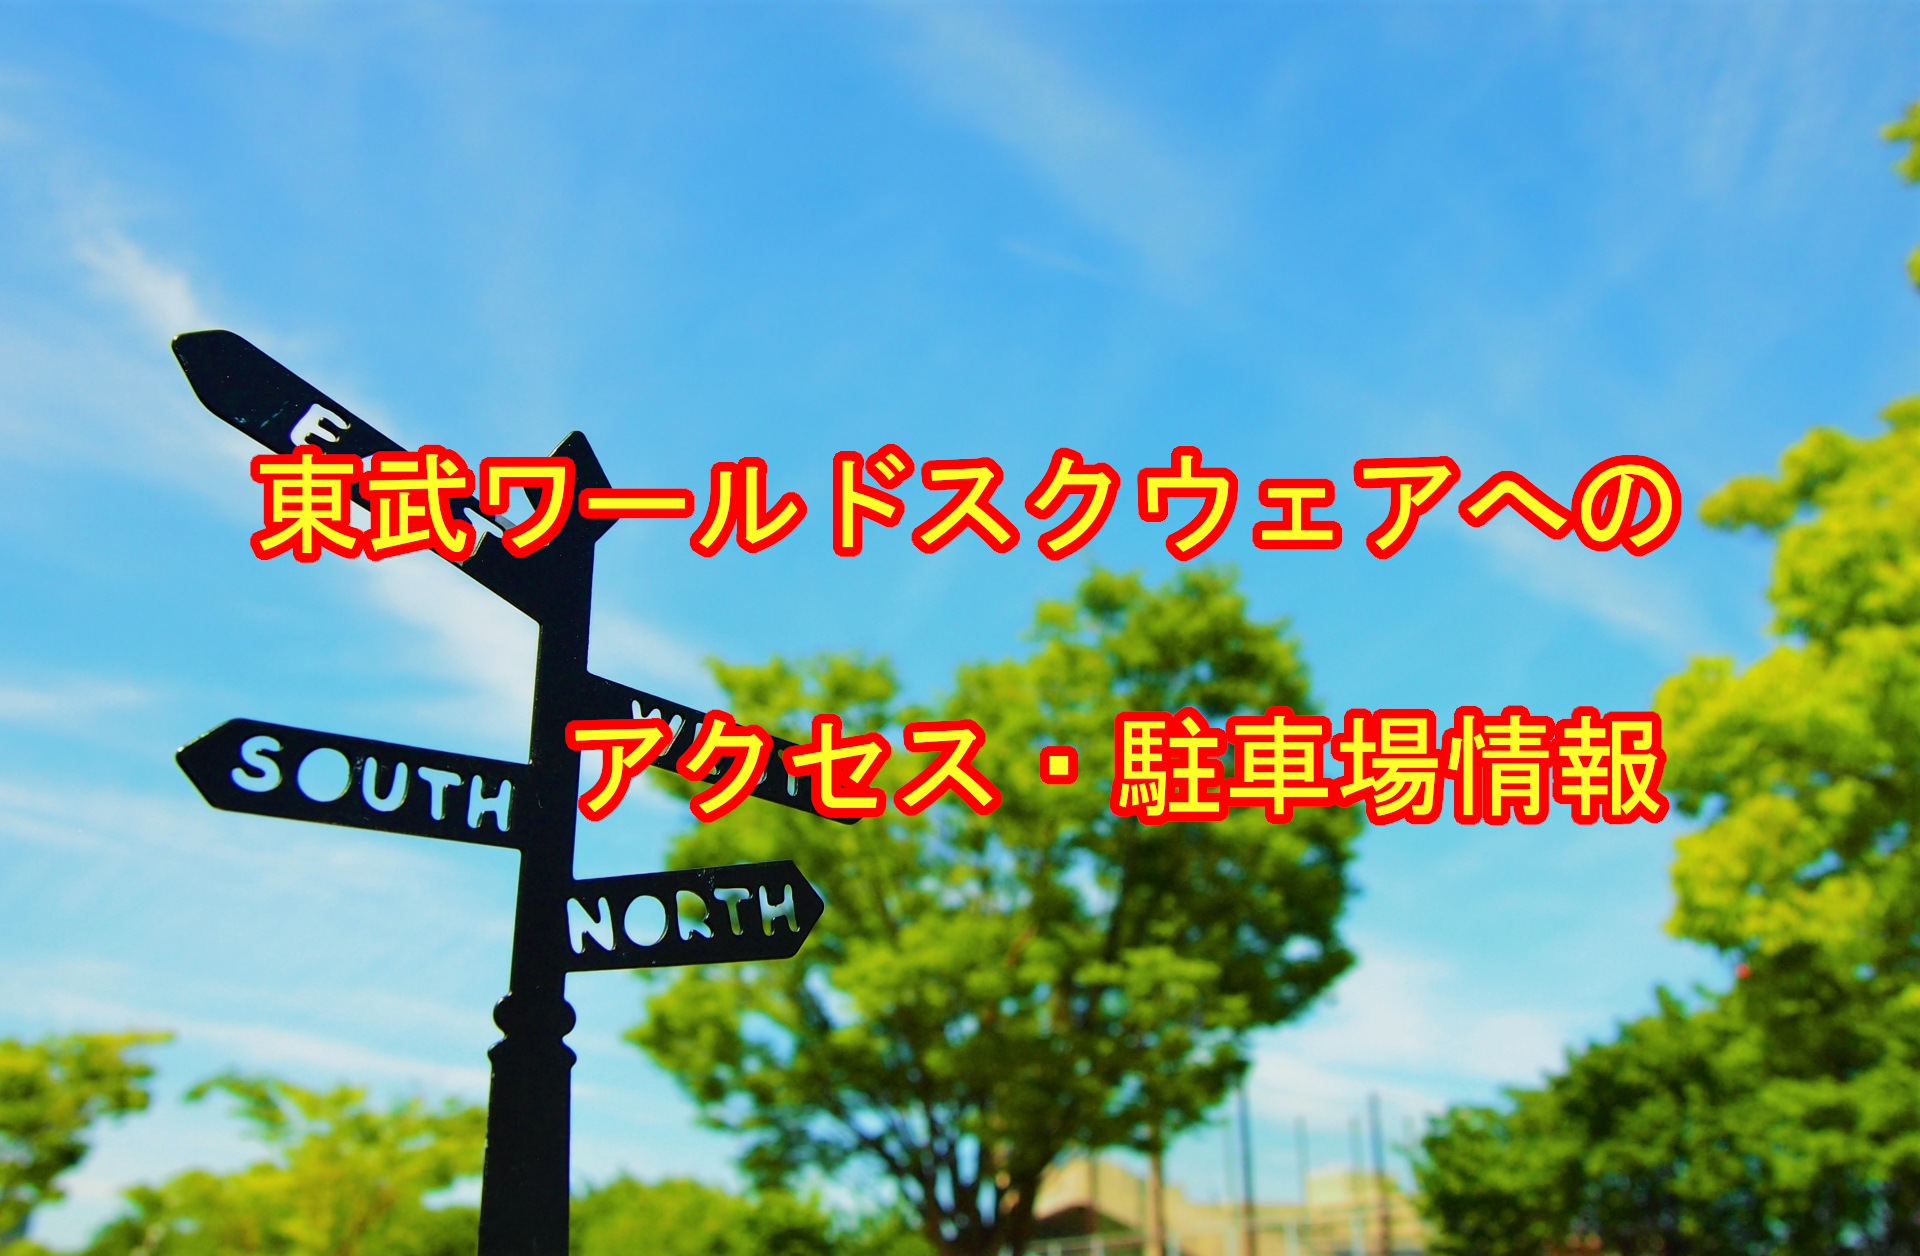 東武ワールドスクウェアへのアクセスと駐車場情報を知りたい方はコチラ